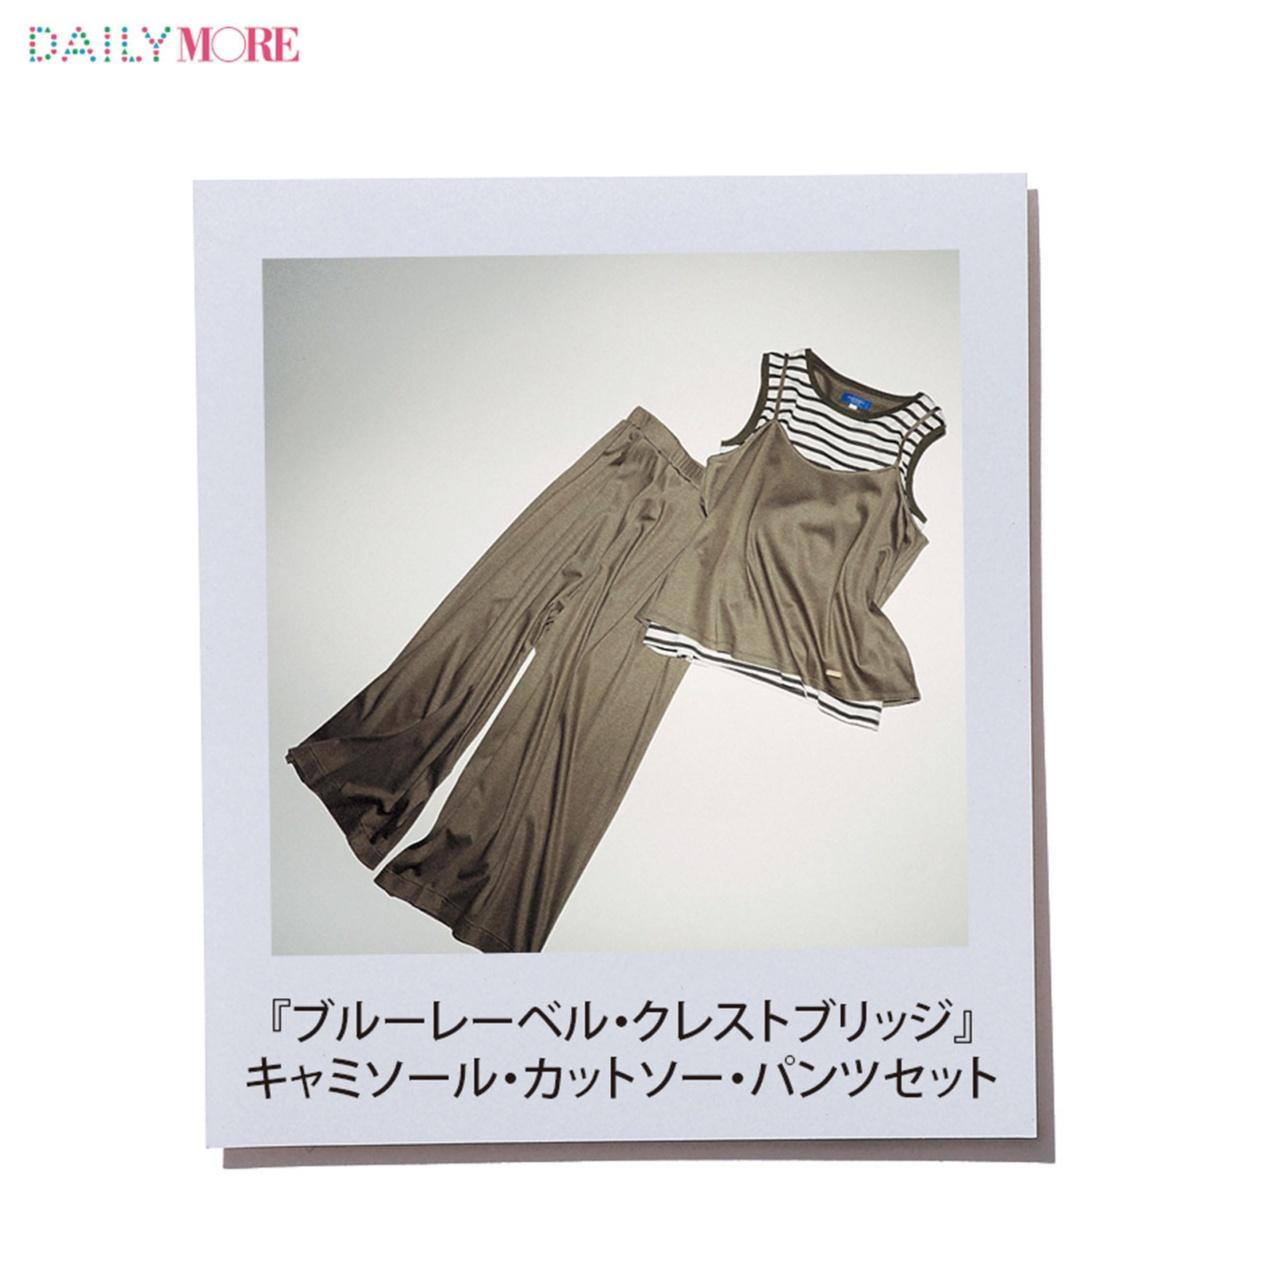 """【プレスも驚き(⁉)】人気ブランドで、この夏""""本当に売れている""""隠れた名品、教えてもらいました!_1_1"""